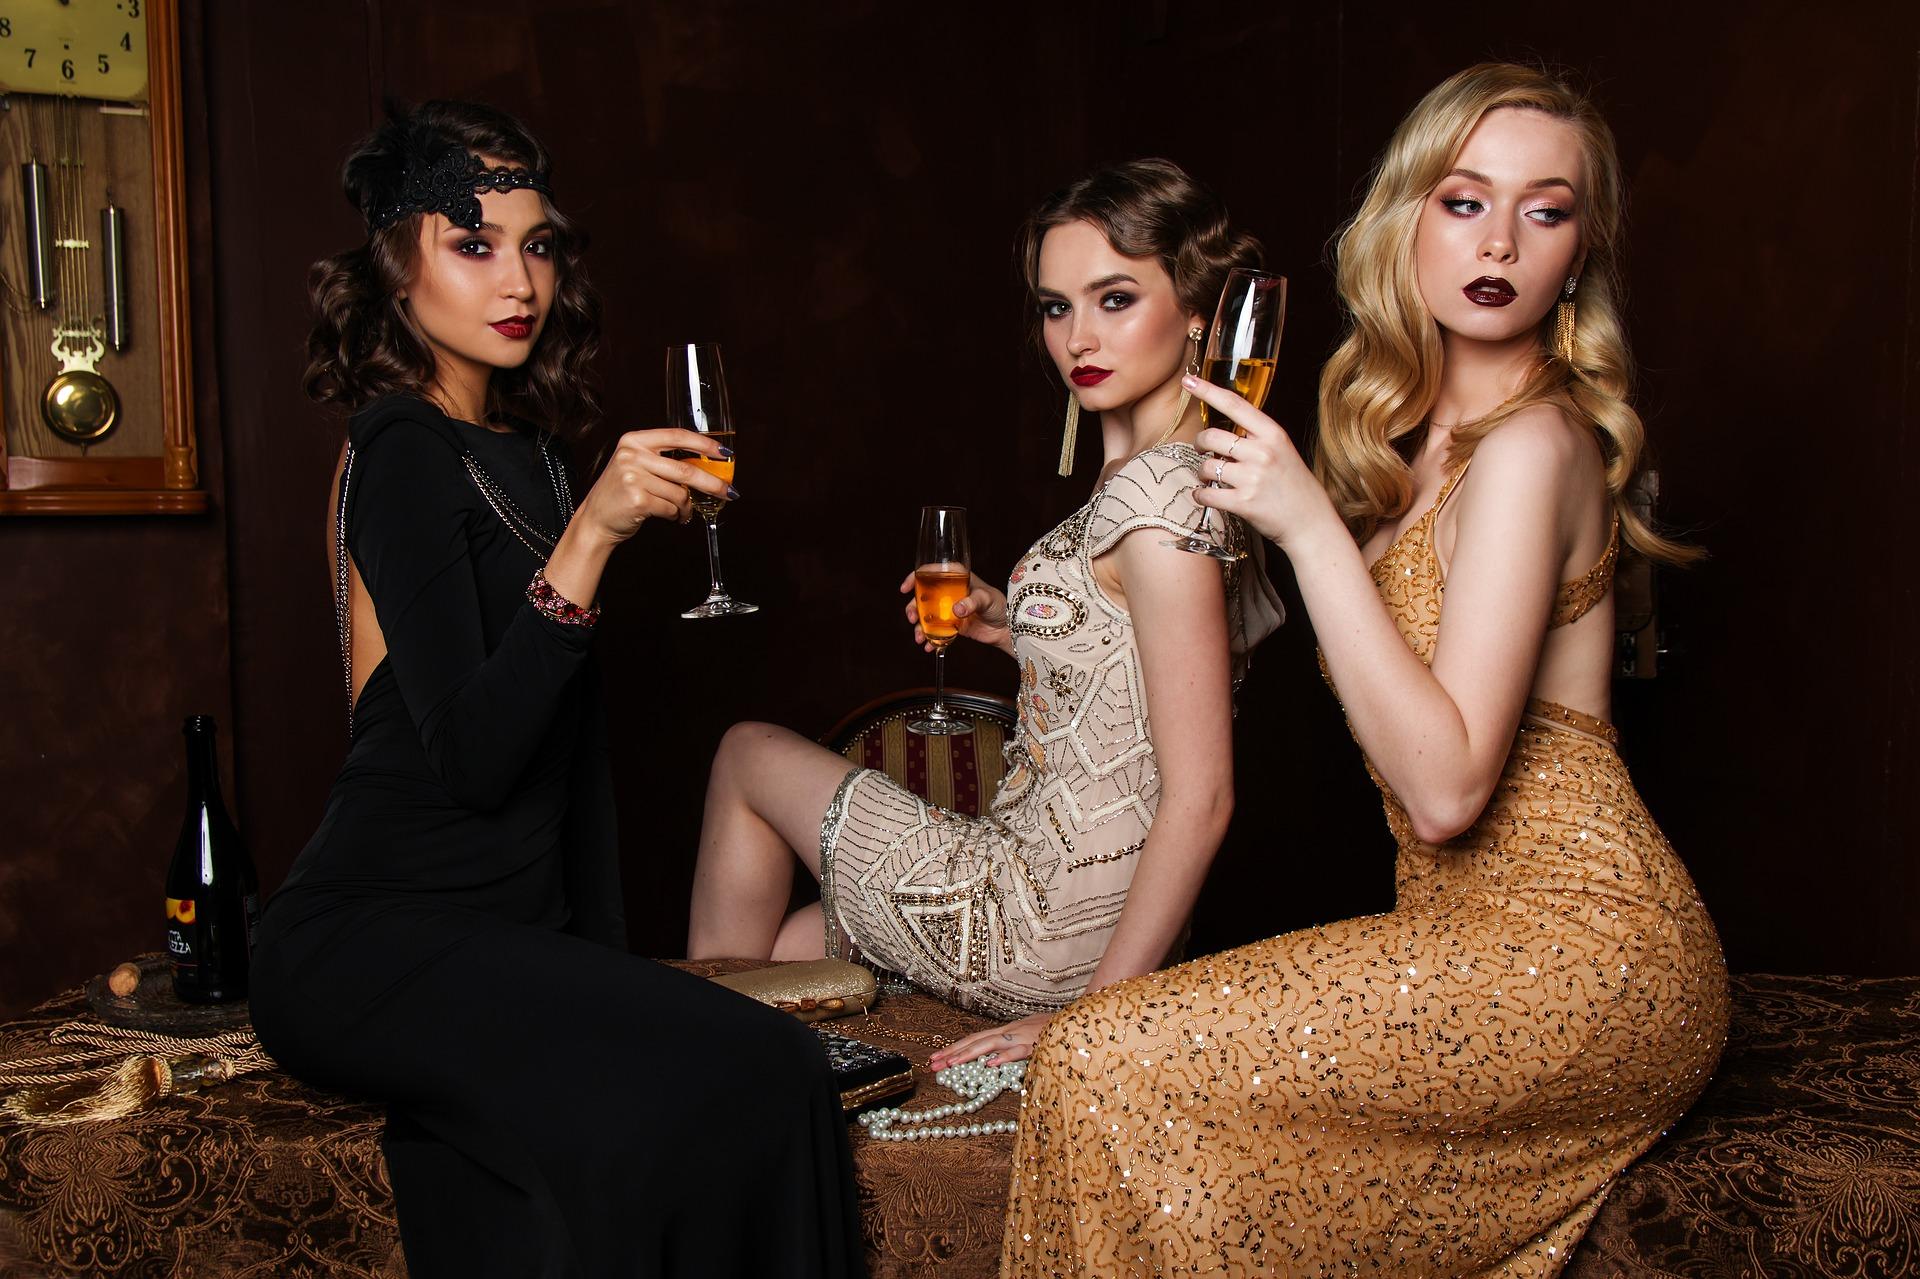 Ce sont trois femmes très apprêtées en robe de soirée qui boit une coupe de champagne.